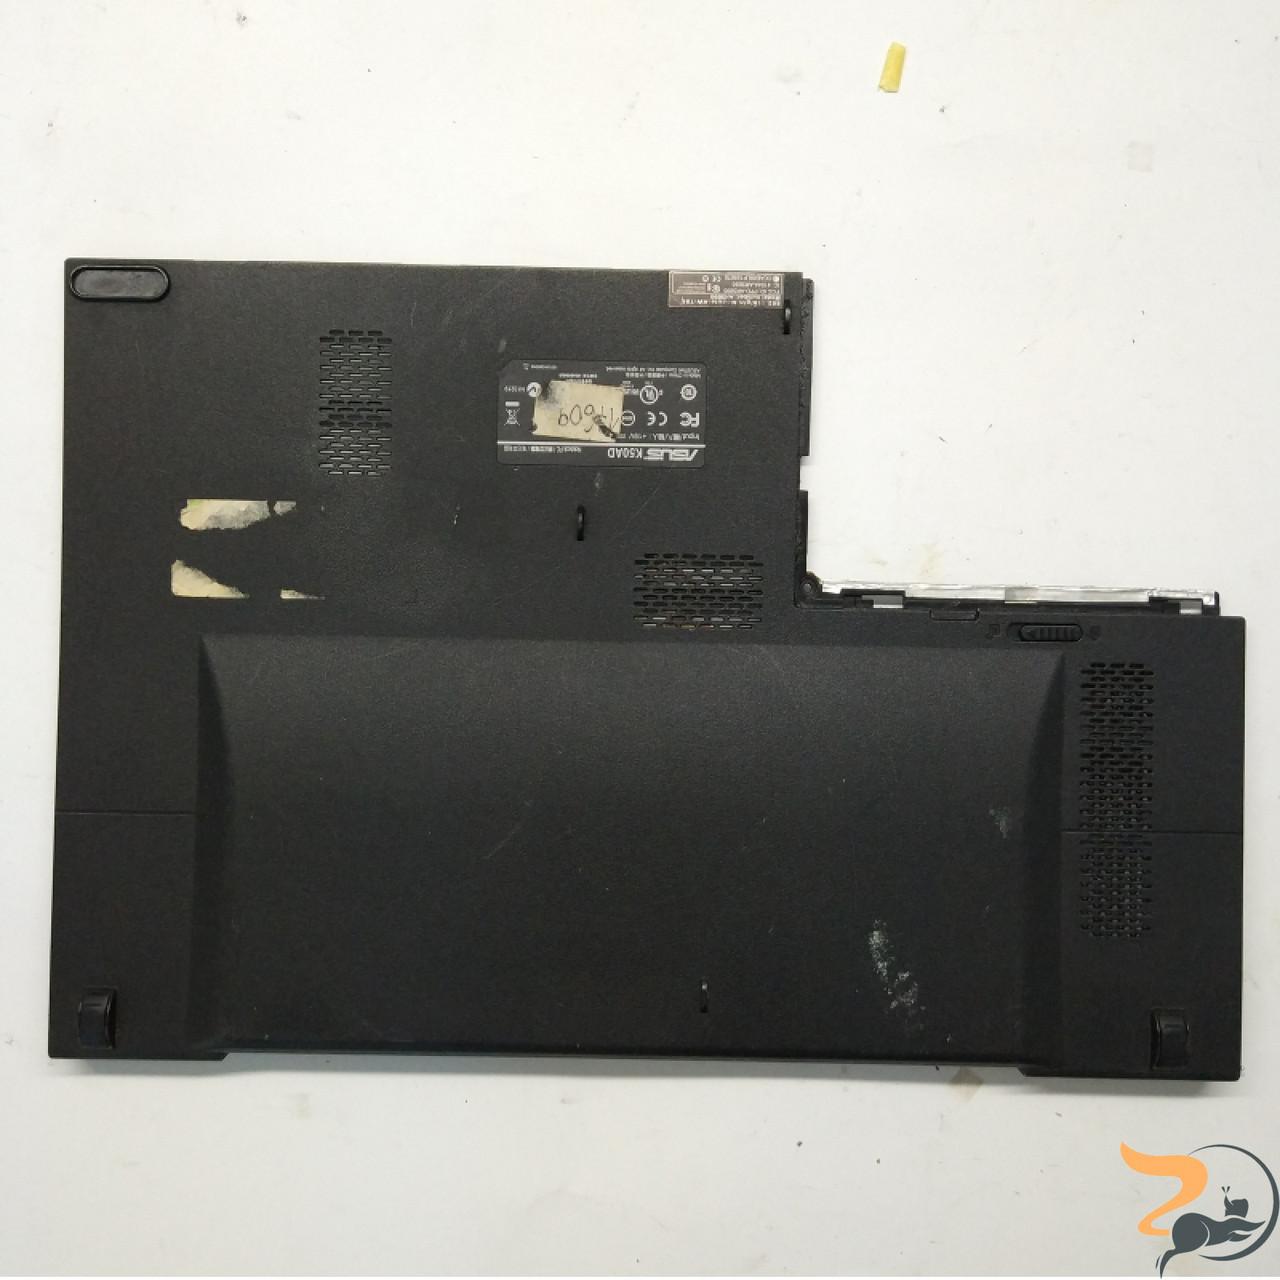 Сервісна кришка для ноутбука ASUS X5DAF, X5DIE, X5DIJ-90NSVKY3592H13OCC0Y, X5DIJ90NSVKY3491H1360C0Y, X5EA, X5MJ, 13NO-EJA09011C000009CI, Б/В.